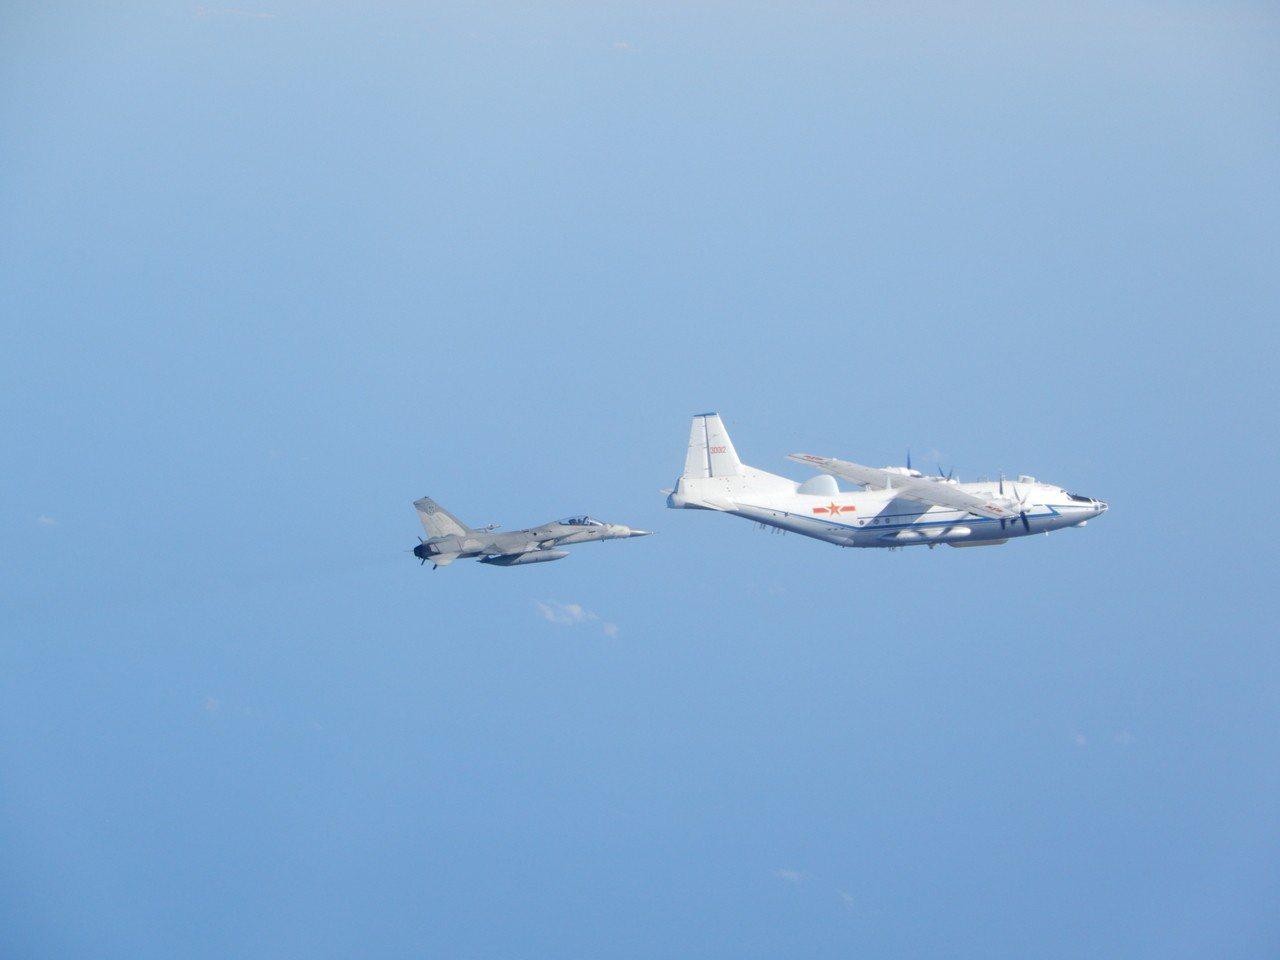 國軍經國號戰鬥機(左),攔截共軍運八電戰機。圖/資料照,國防部提供